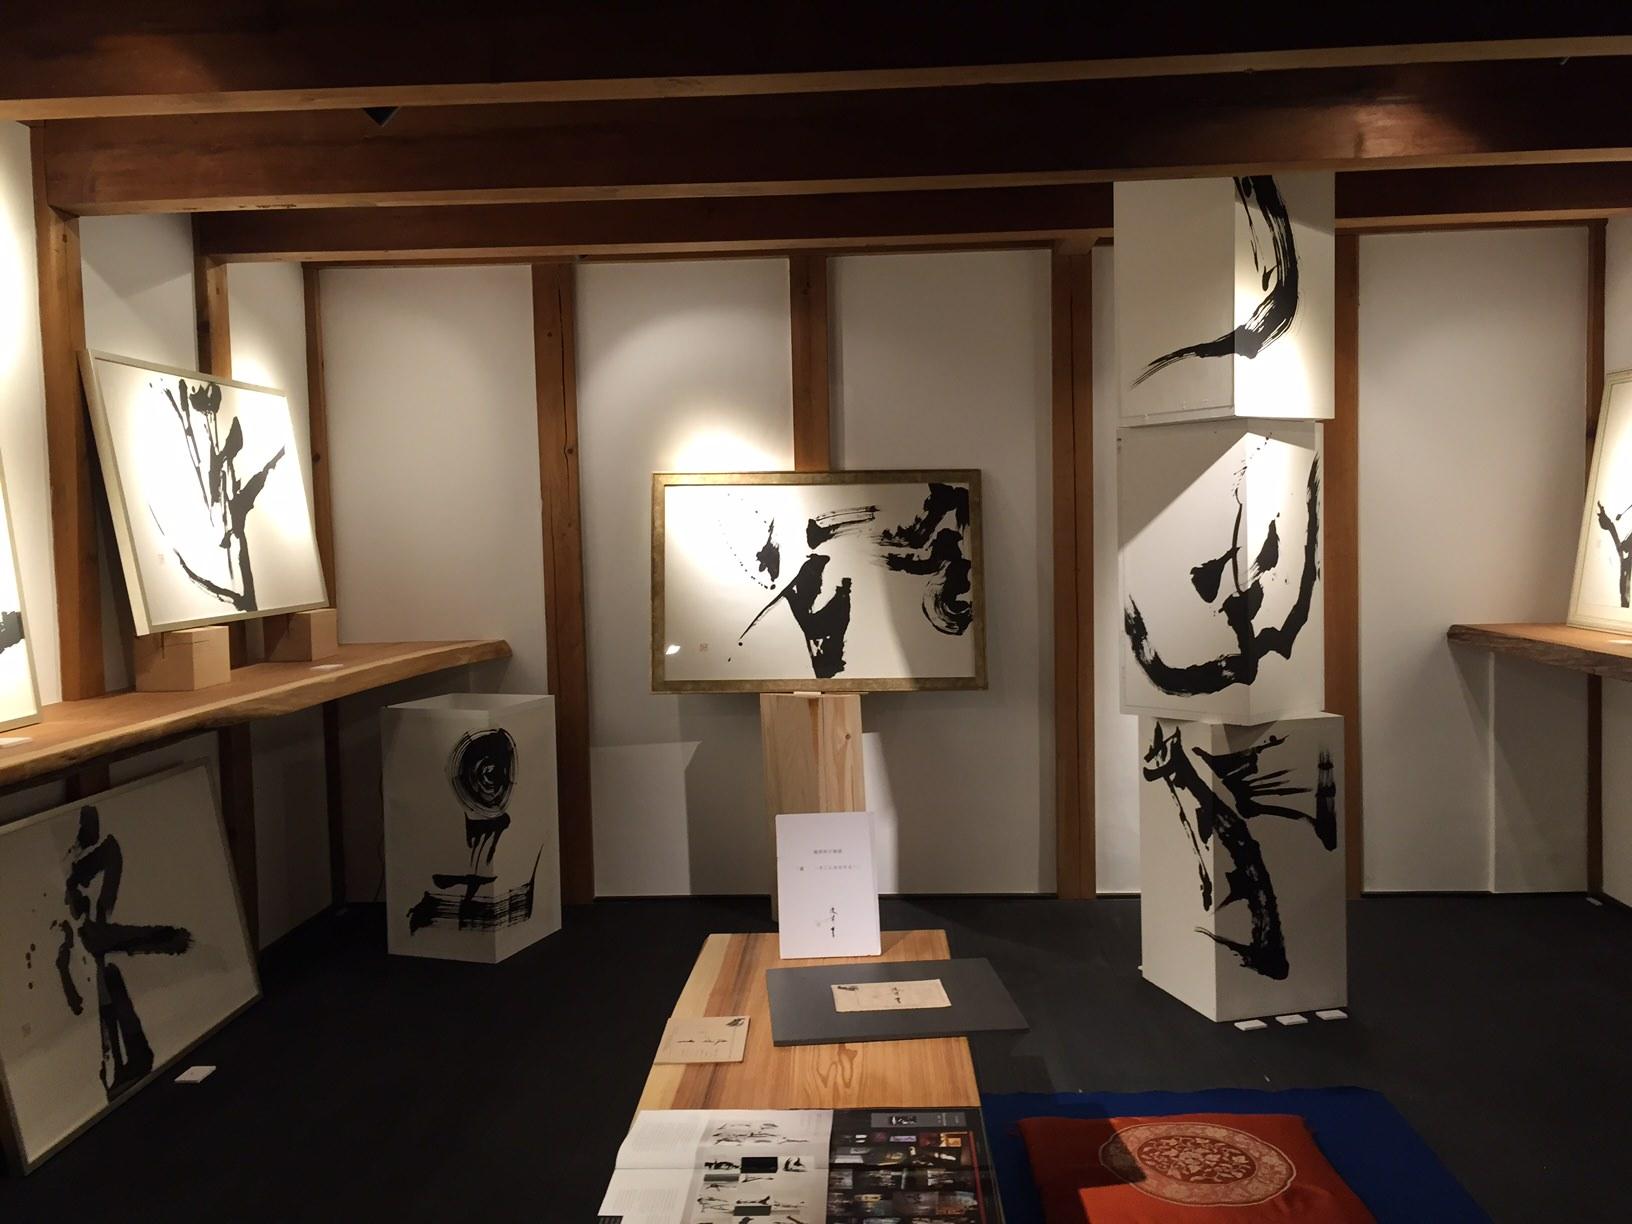 愛知県犬山市「犬山プロジェクト ギャラリー」リノベーション 渡部裕子展